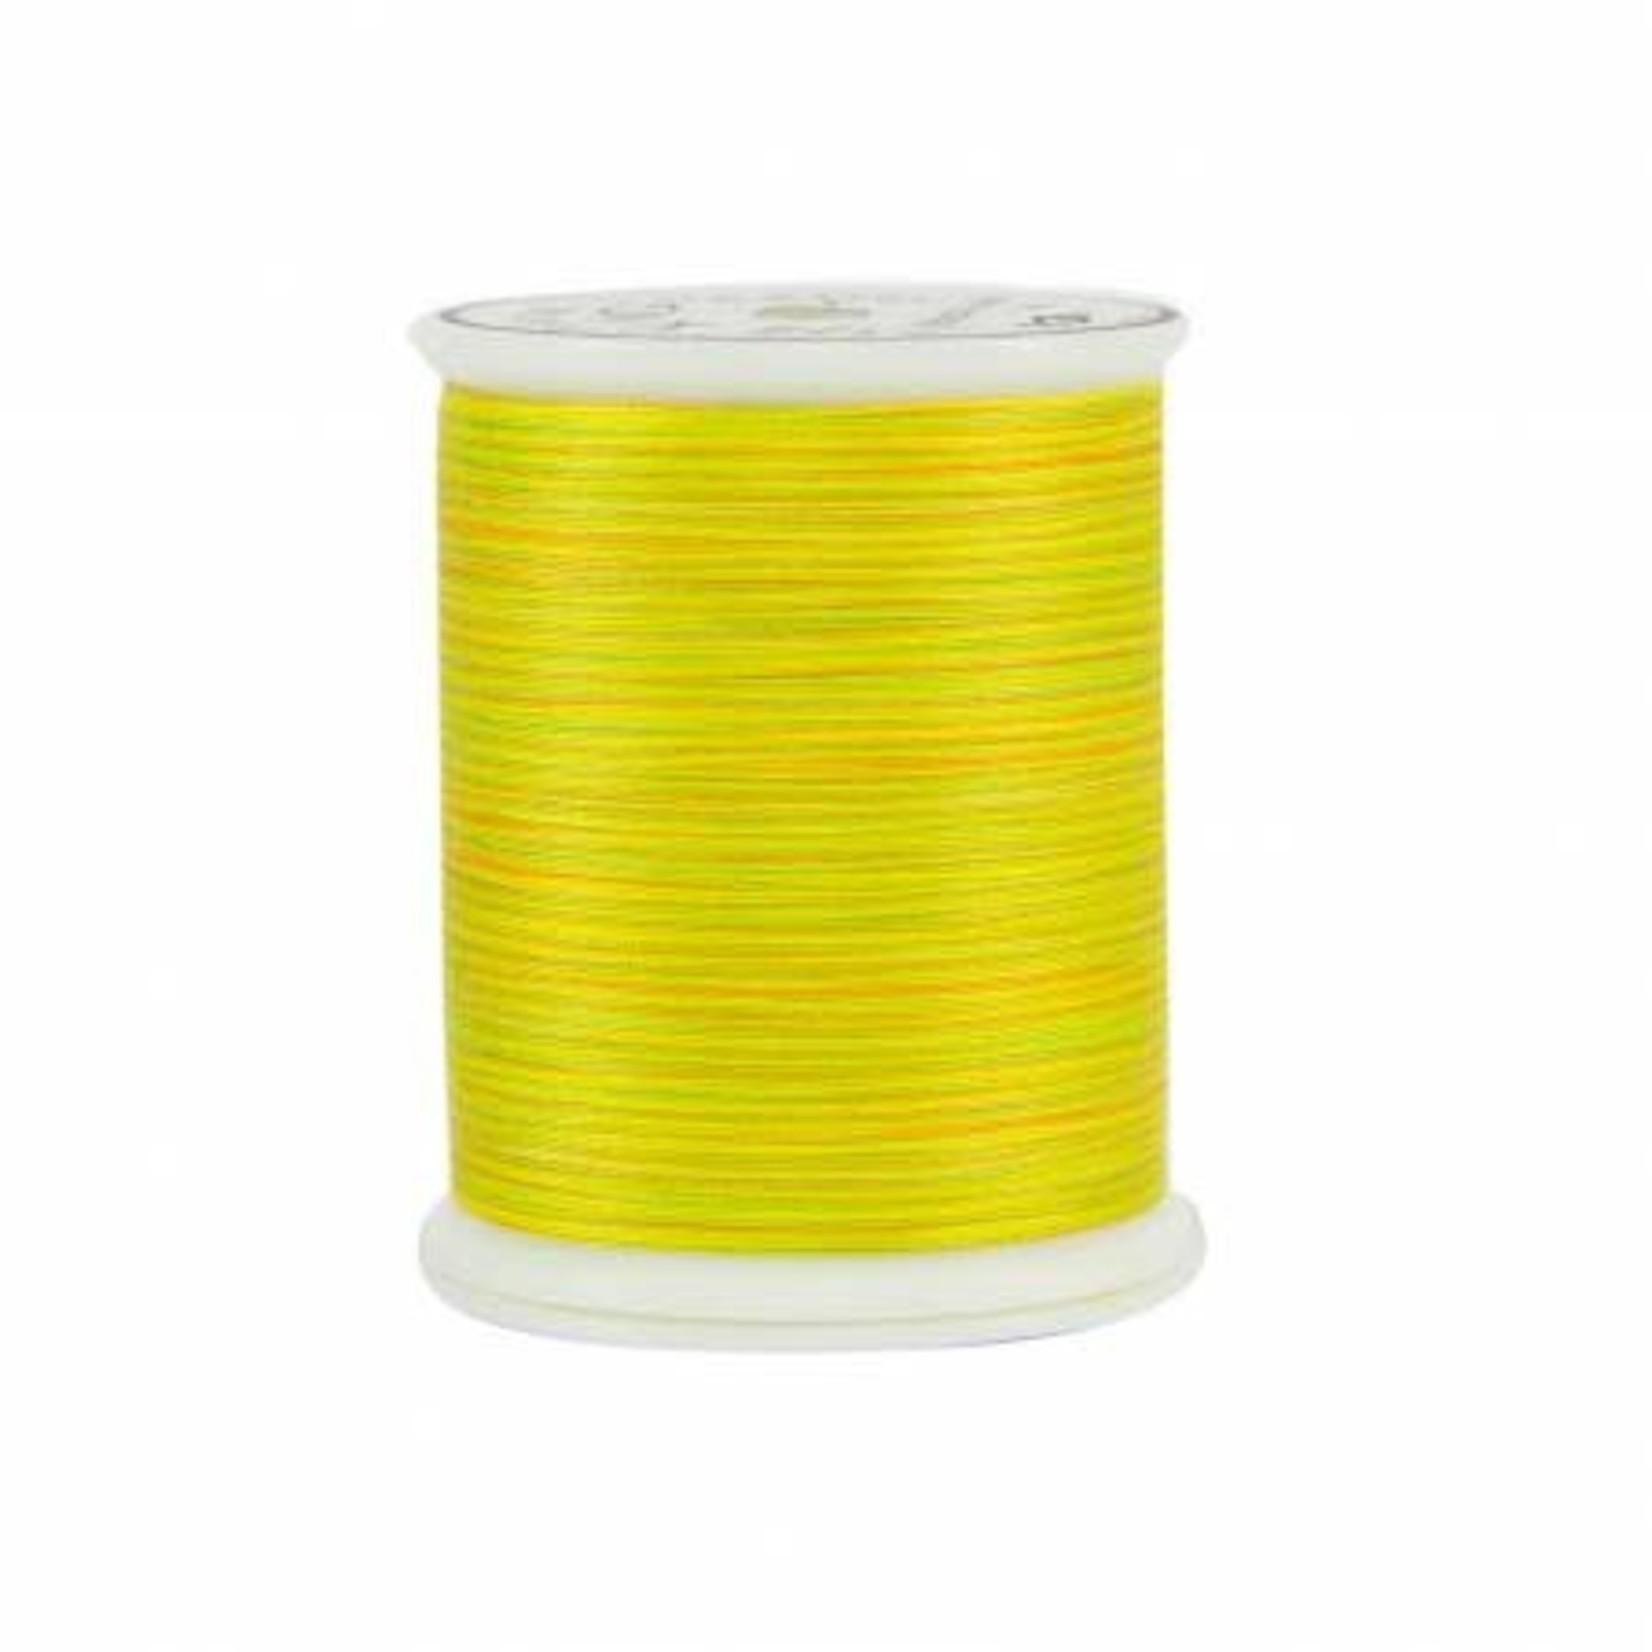 Superior Threads King Tut - #40 - 457 m - 0934 Nile Delta